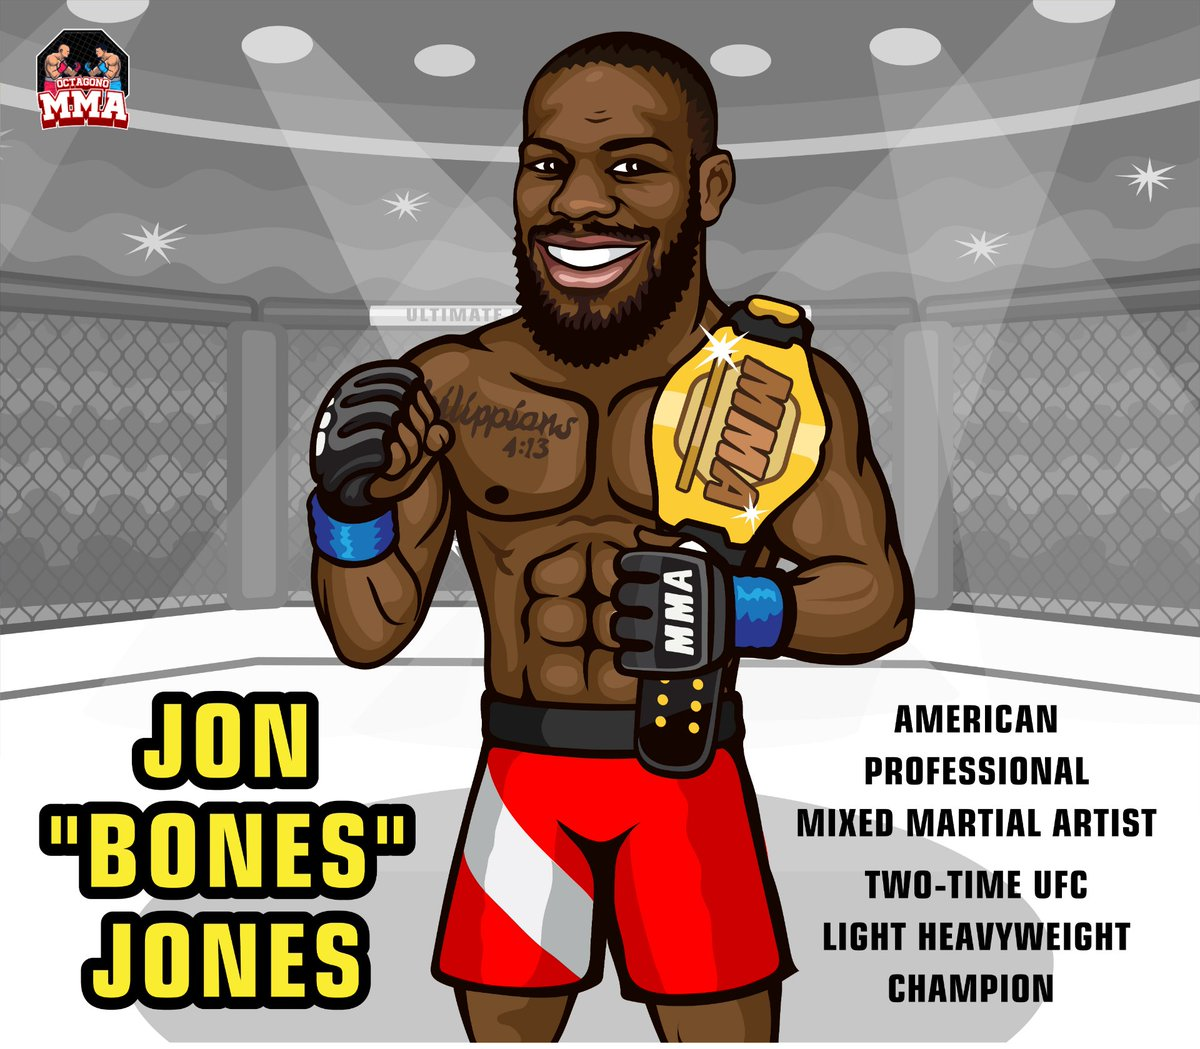 Si bien @MayceeBarber puede venir para el récord, @JonnyBones sigue siendo el campeón mundial más joven en la historia del UFC después de ganar el oro a la edad de 23 años y 242 días. Es un logro que, en ese momento, pocas personas probablemente pensaron que iba a ser superado. https://t.co/nCTtuUotMW